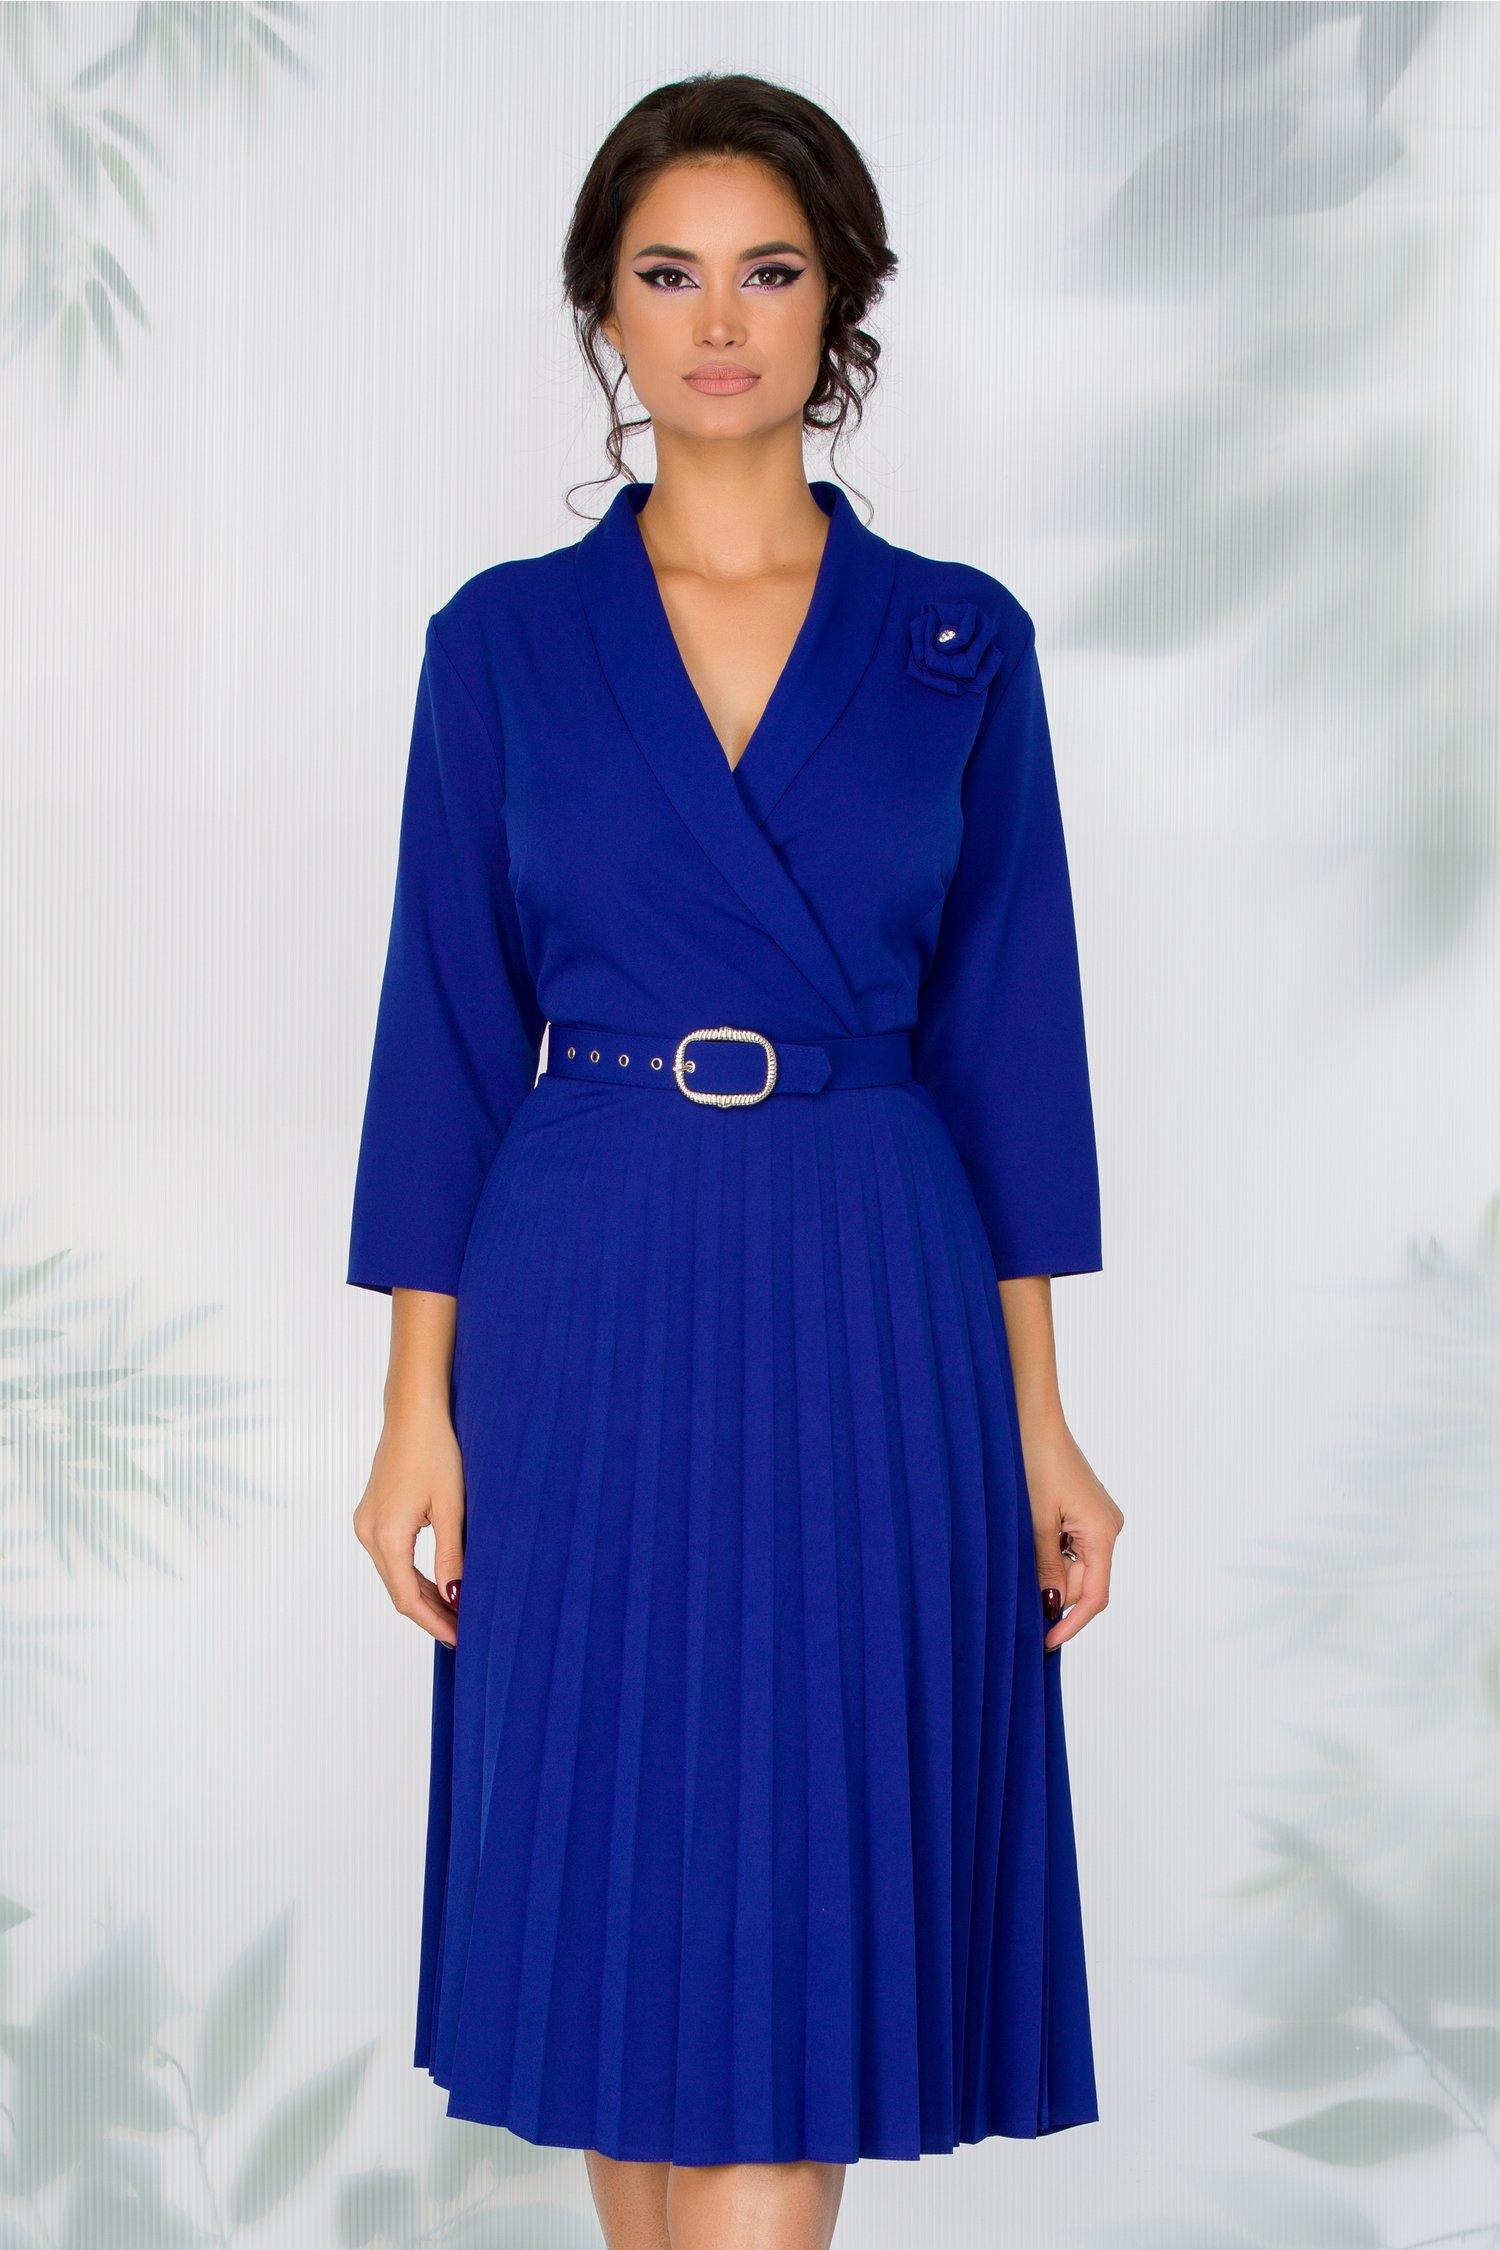 Rochie Damaris albastra cu fusta plisata